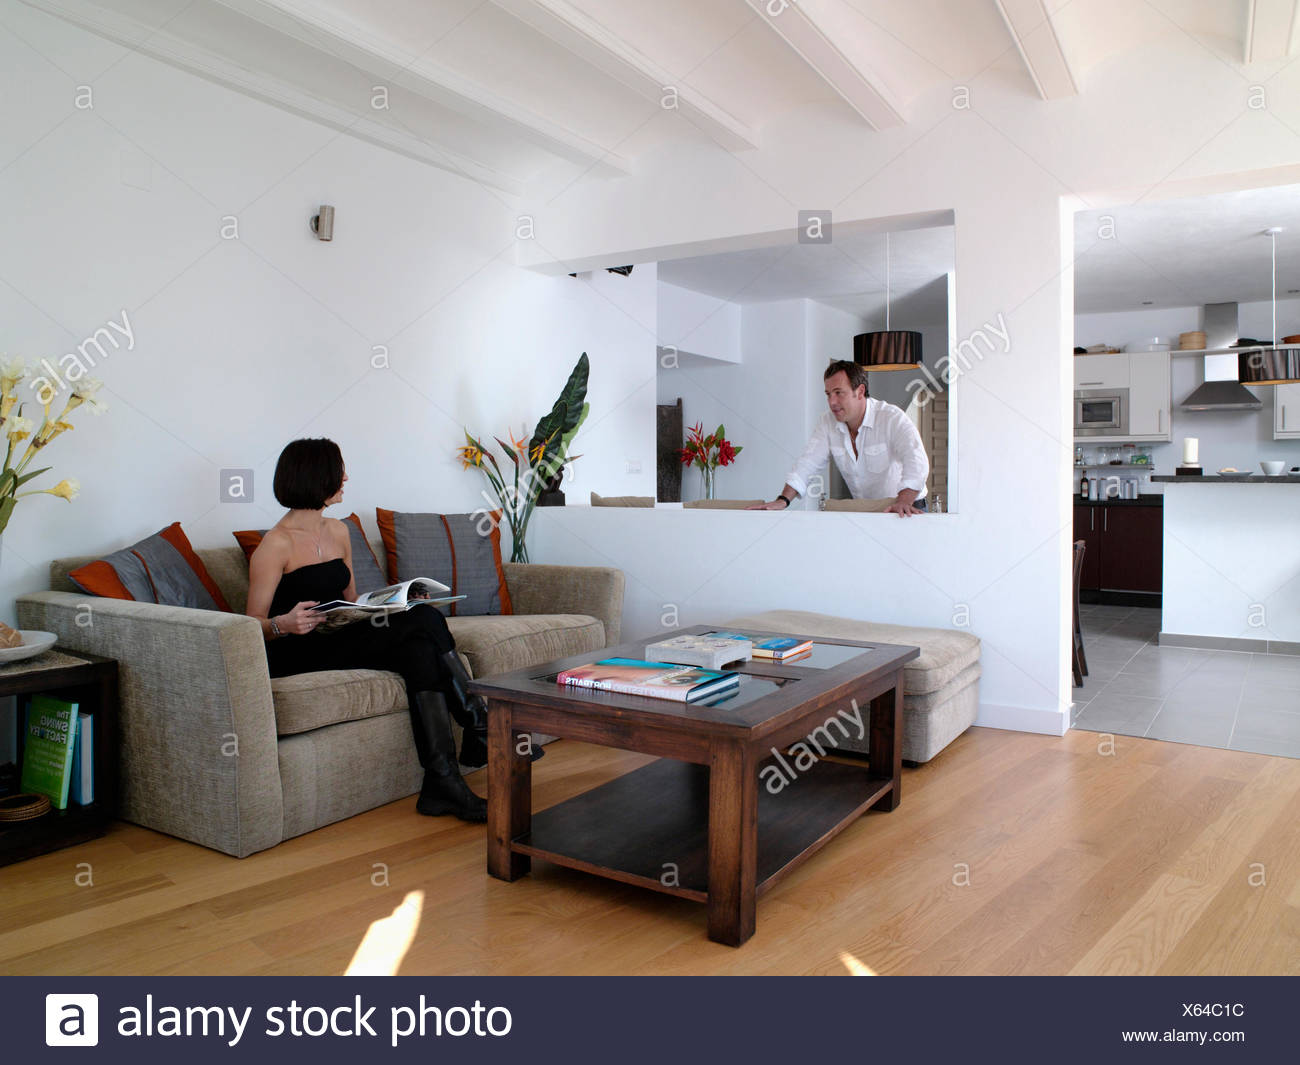 Mann stehend in die offene Küche, Wohnzimmer und im Gespräch ...